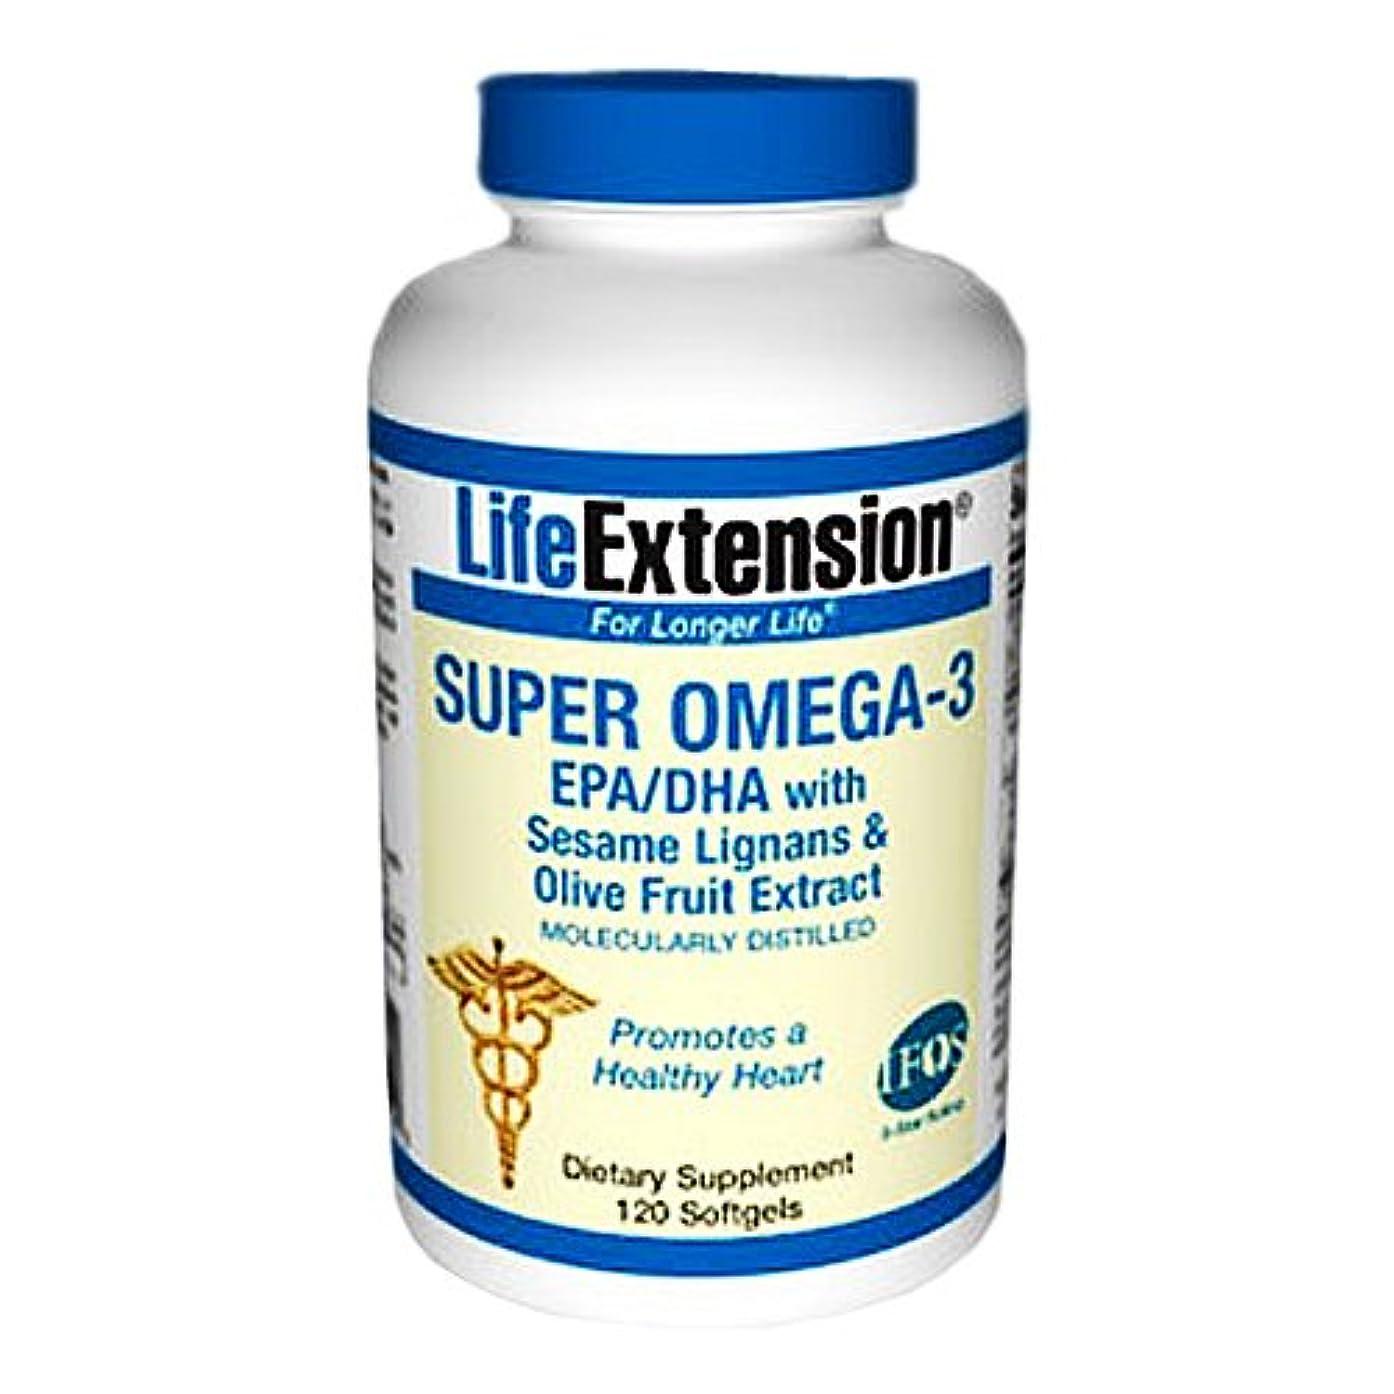 ご飯子猫遊び場スーパーオメガ3 EPA / DHA ゴマリグナン&オリーブ果実の抽出物 Omega-3 EPA/DHA with Sesame Lignans & Olive Fruit Extract (海外直送品)